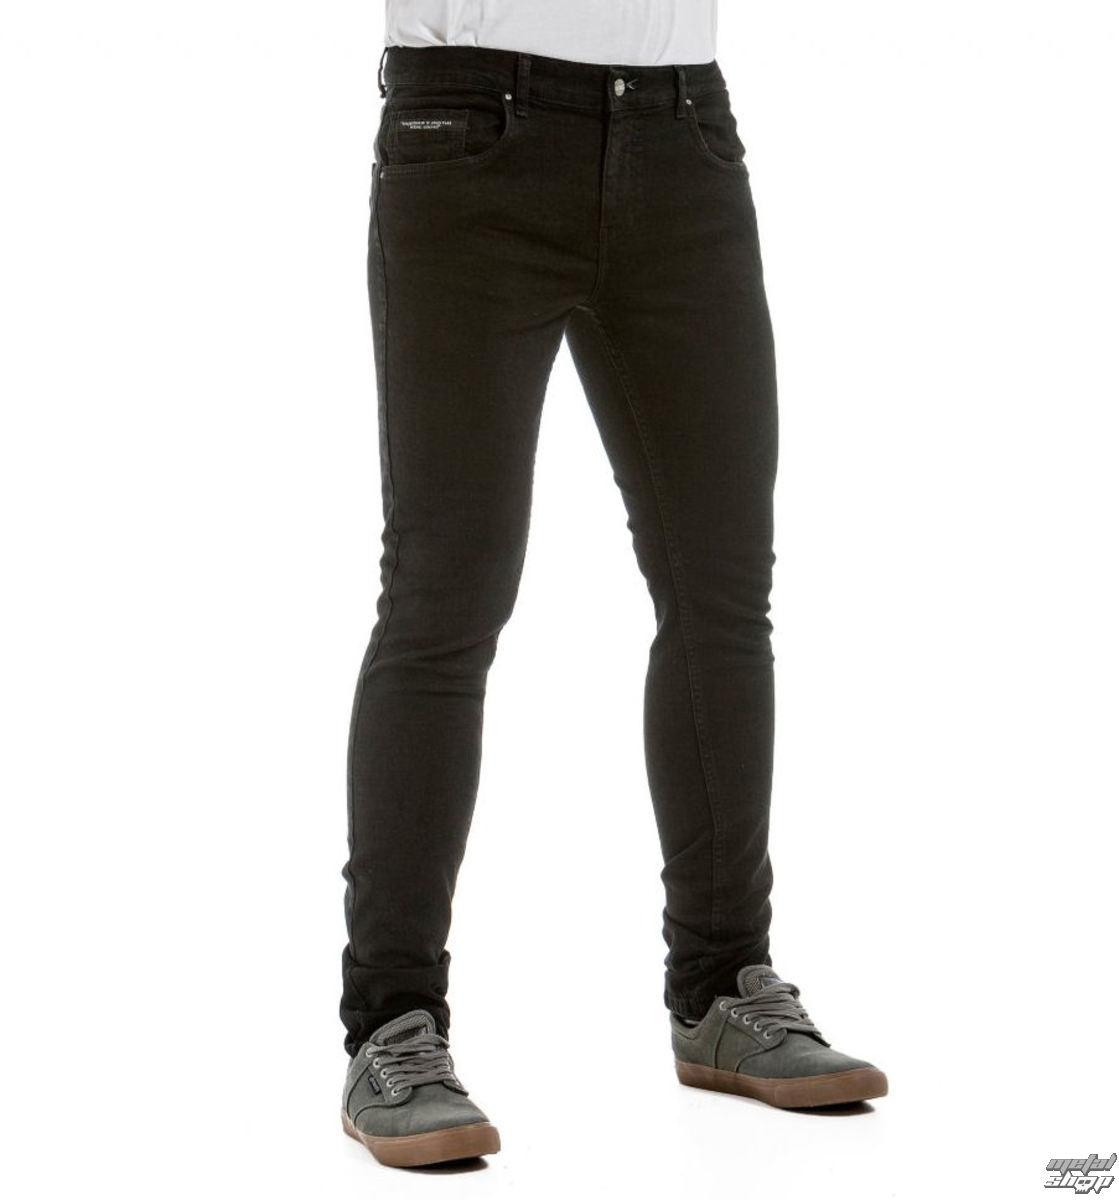 nohavice pánske (jeans) NUGGET - Garage 2 - 1/7/38, C - Black - NG170301072893